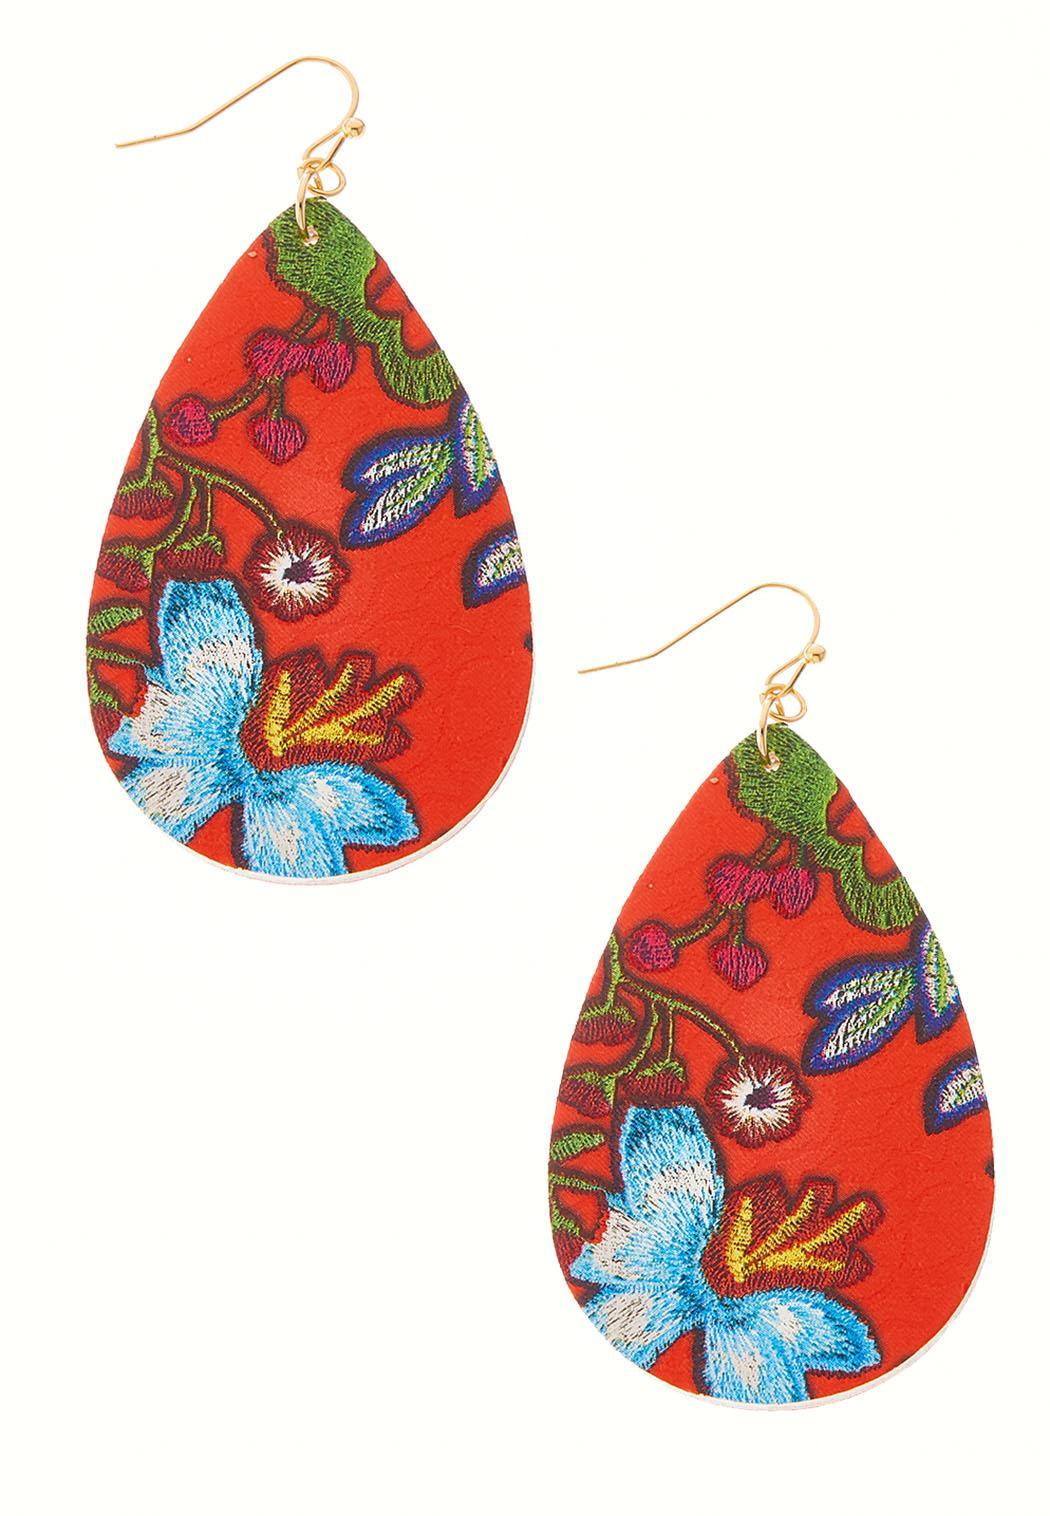 Faux Leather Patterned Earrings